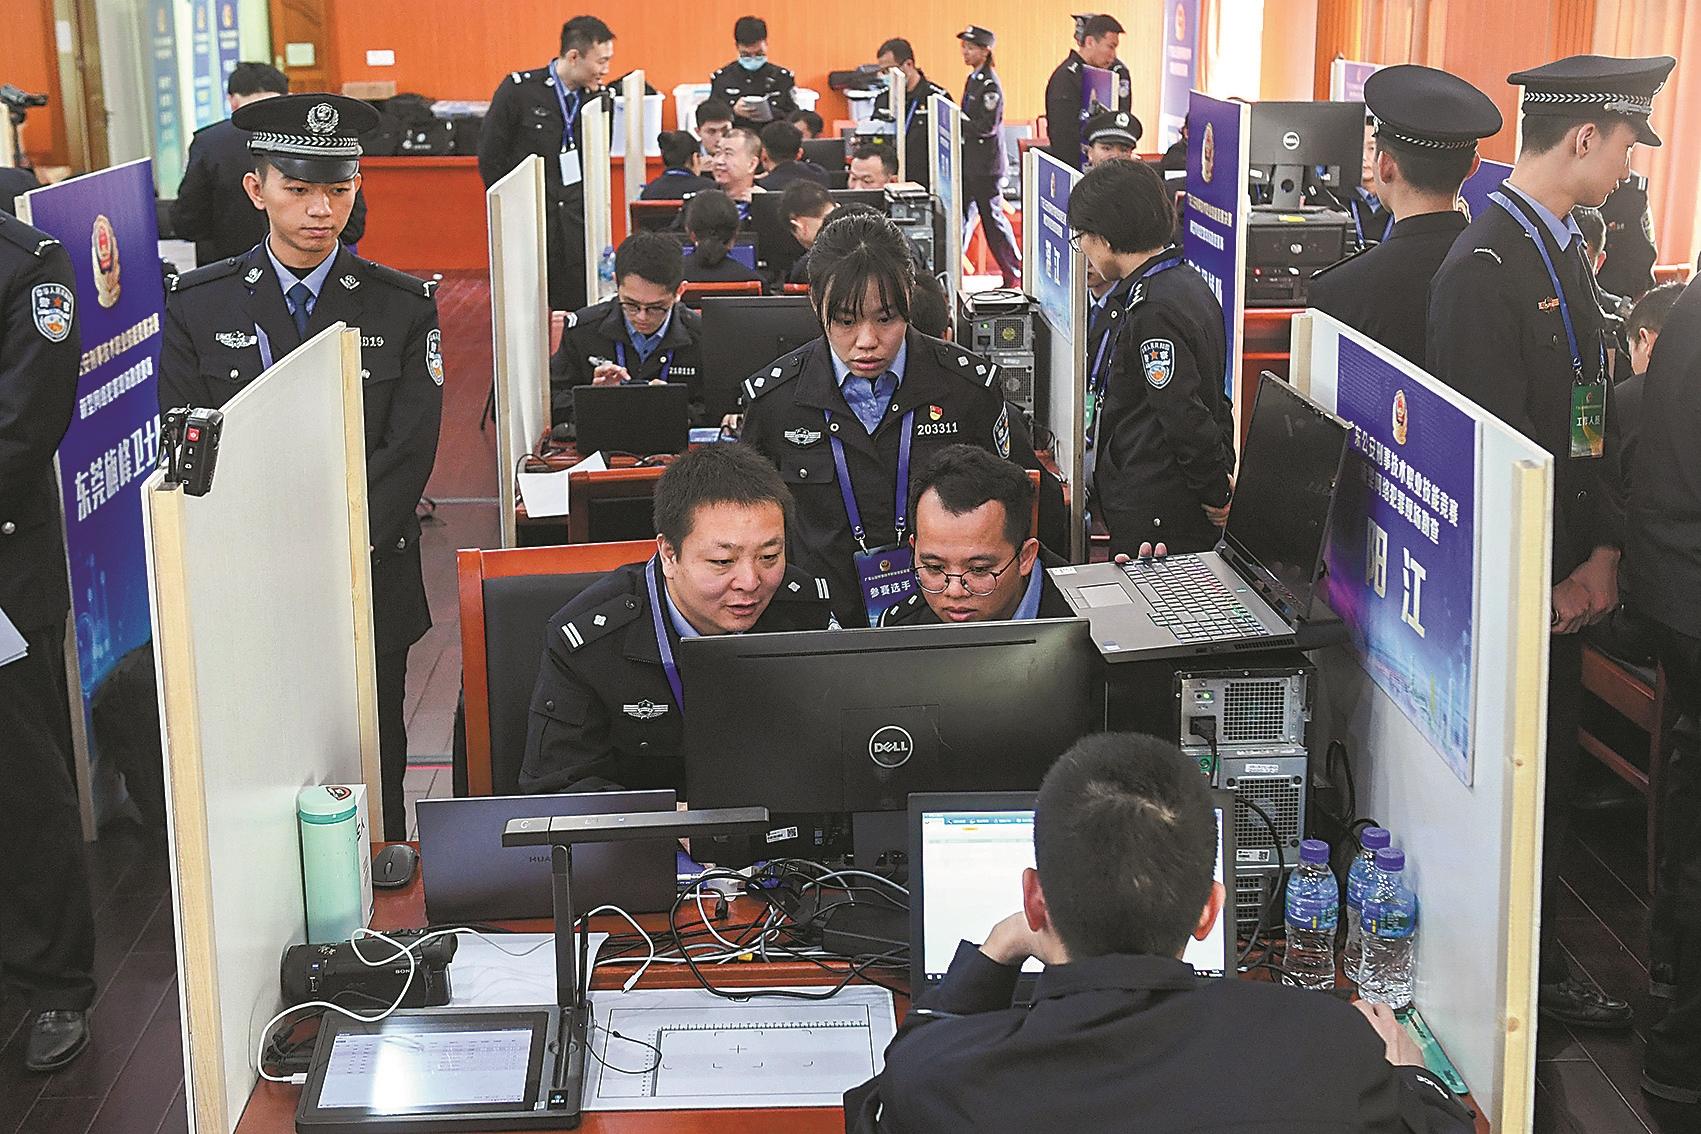 新型网络犯罪现场勘验项目比赛现场 庞舒尹 摄